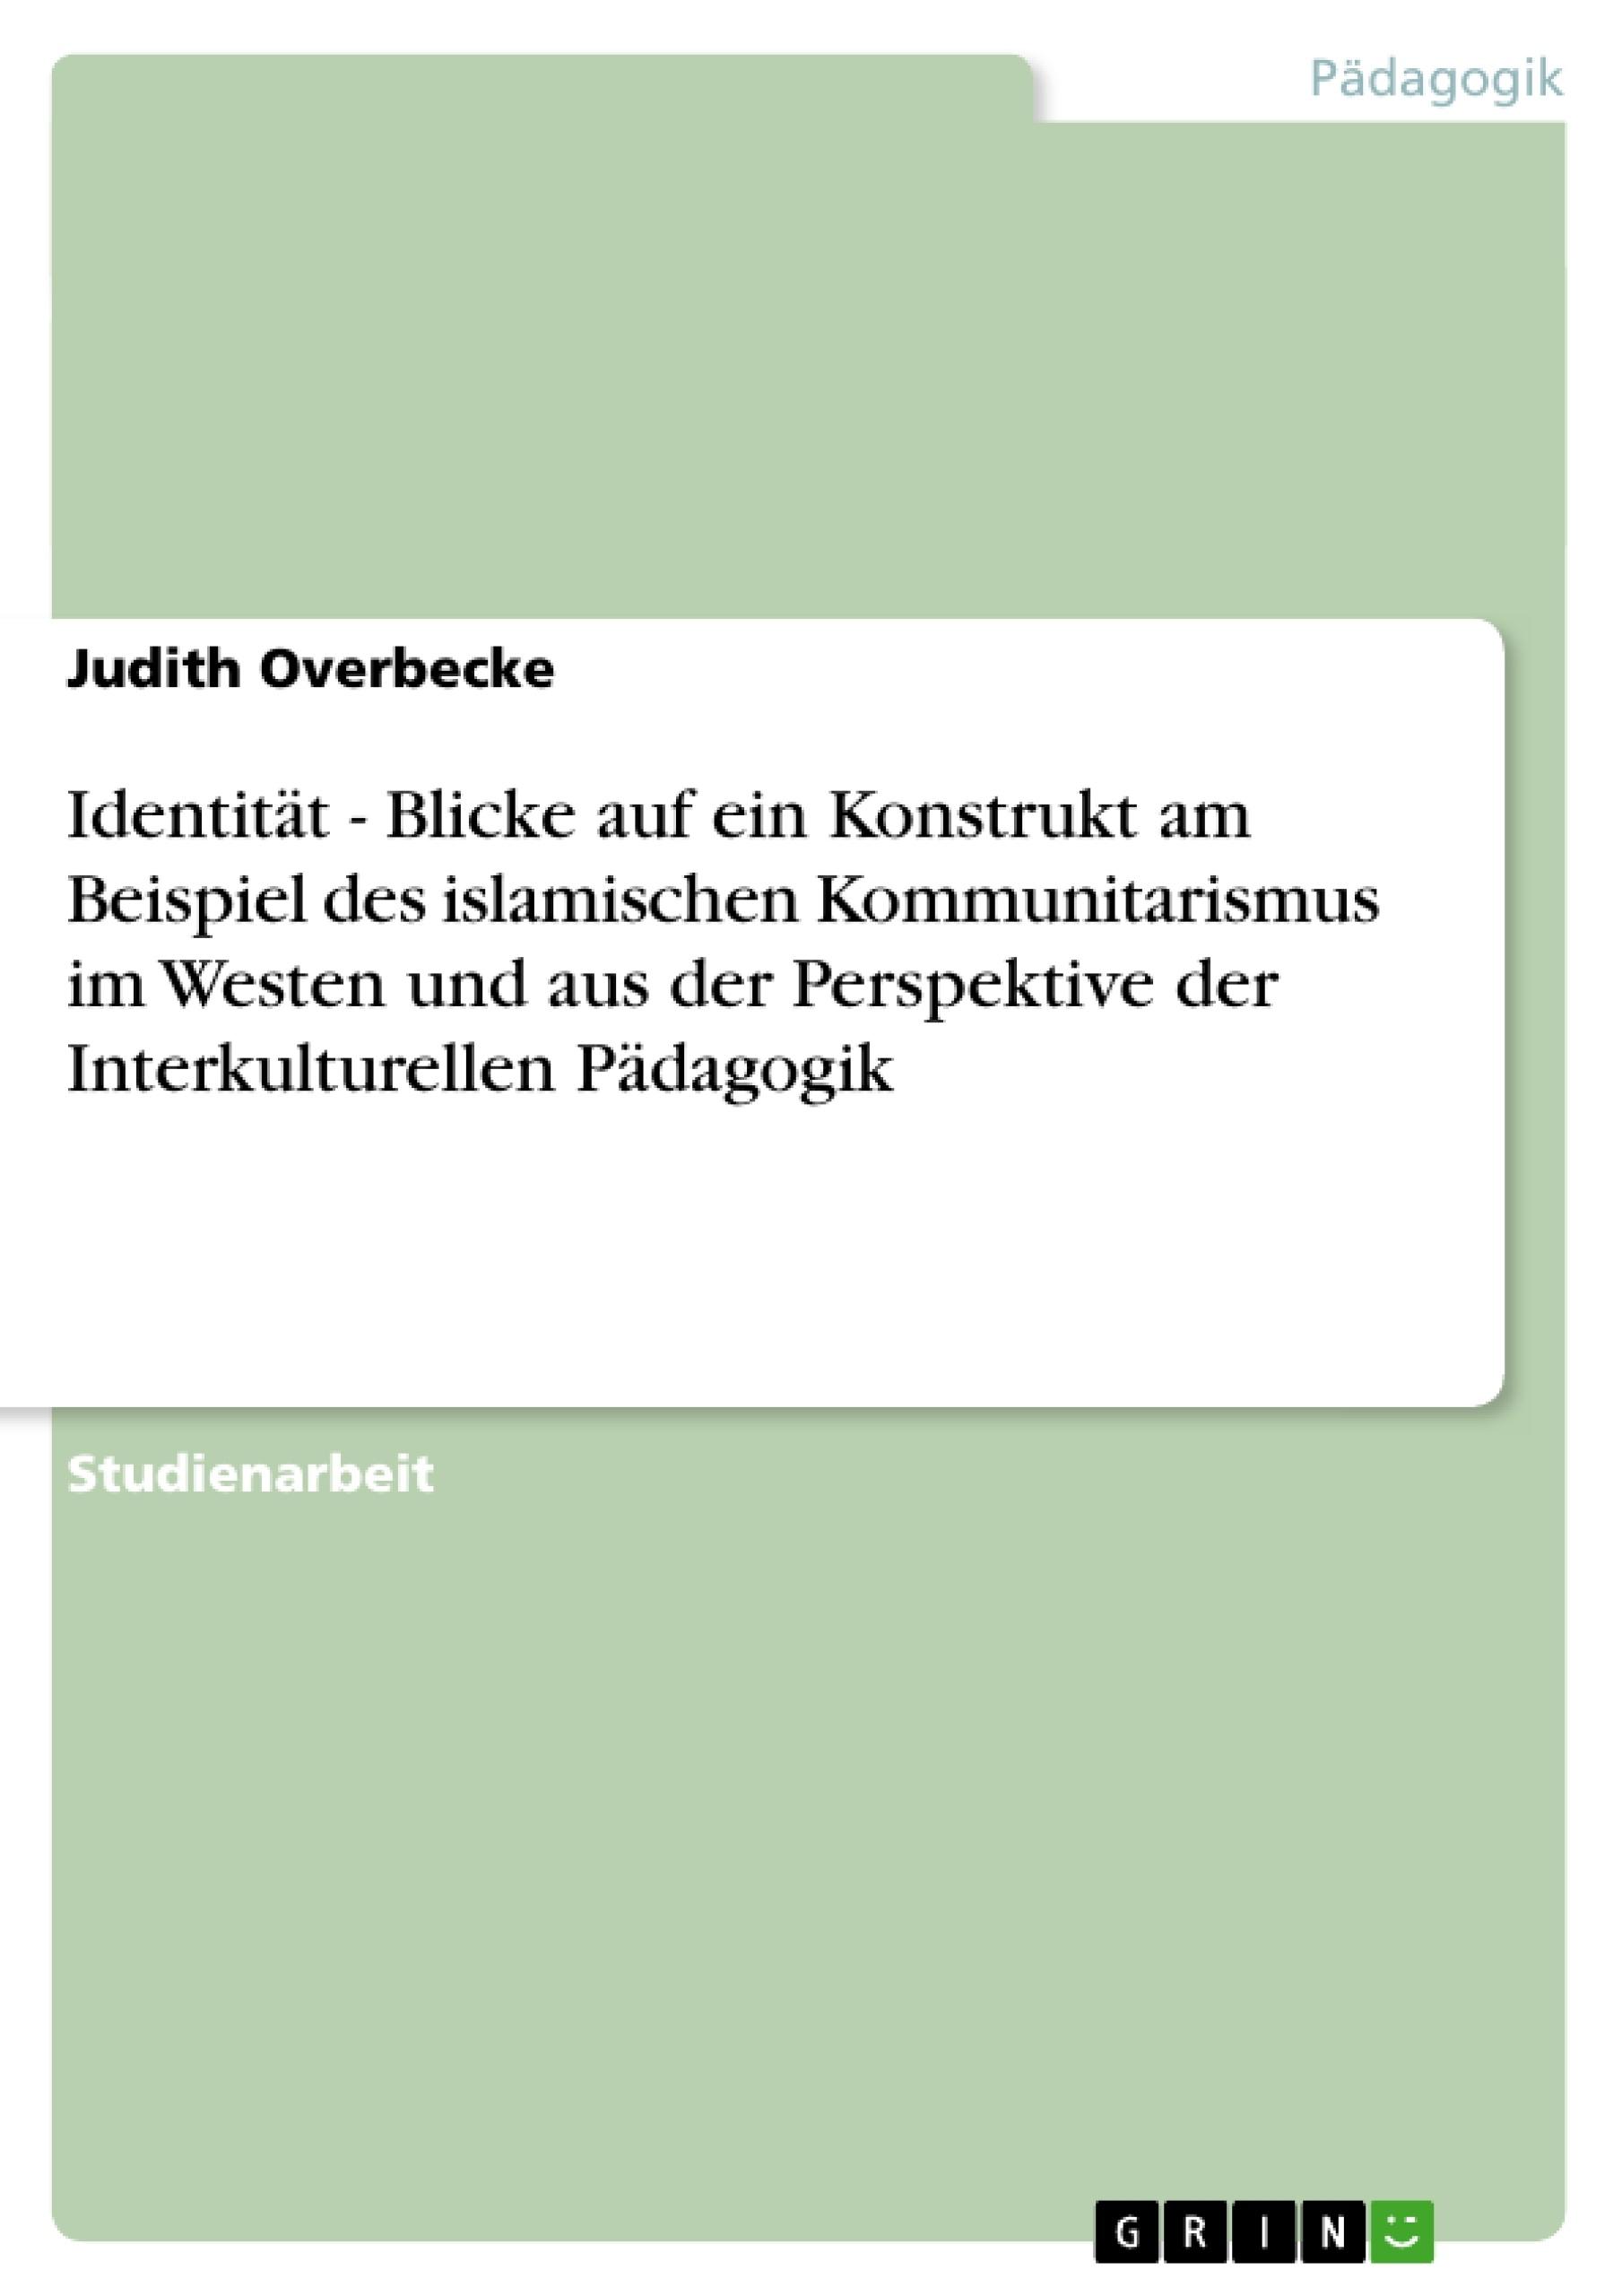 Titel: Identität - Blicke auf ein Konstrukt am Beispiel des islamischen Kommunitarismus im Westen und aus der Perspektive der Interkulturellen Pädagogik